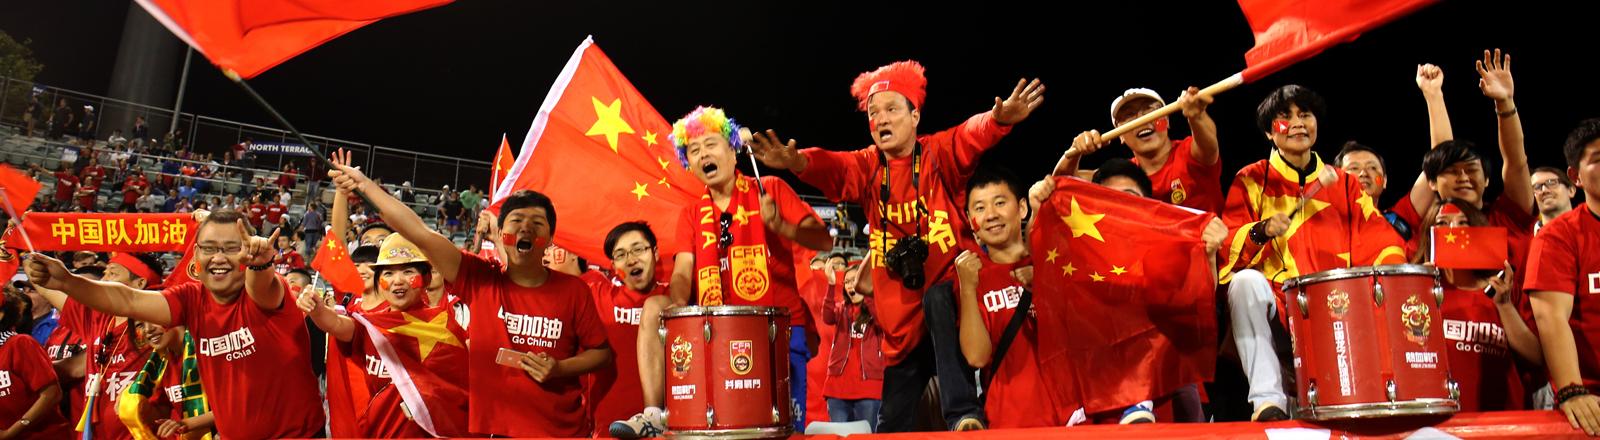 Chinesische Fußballfans